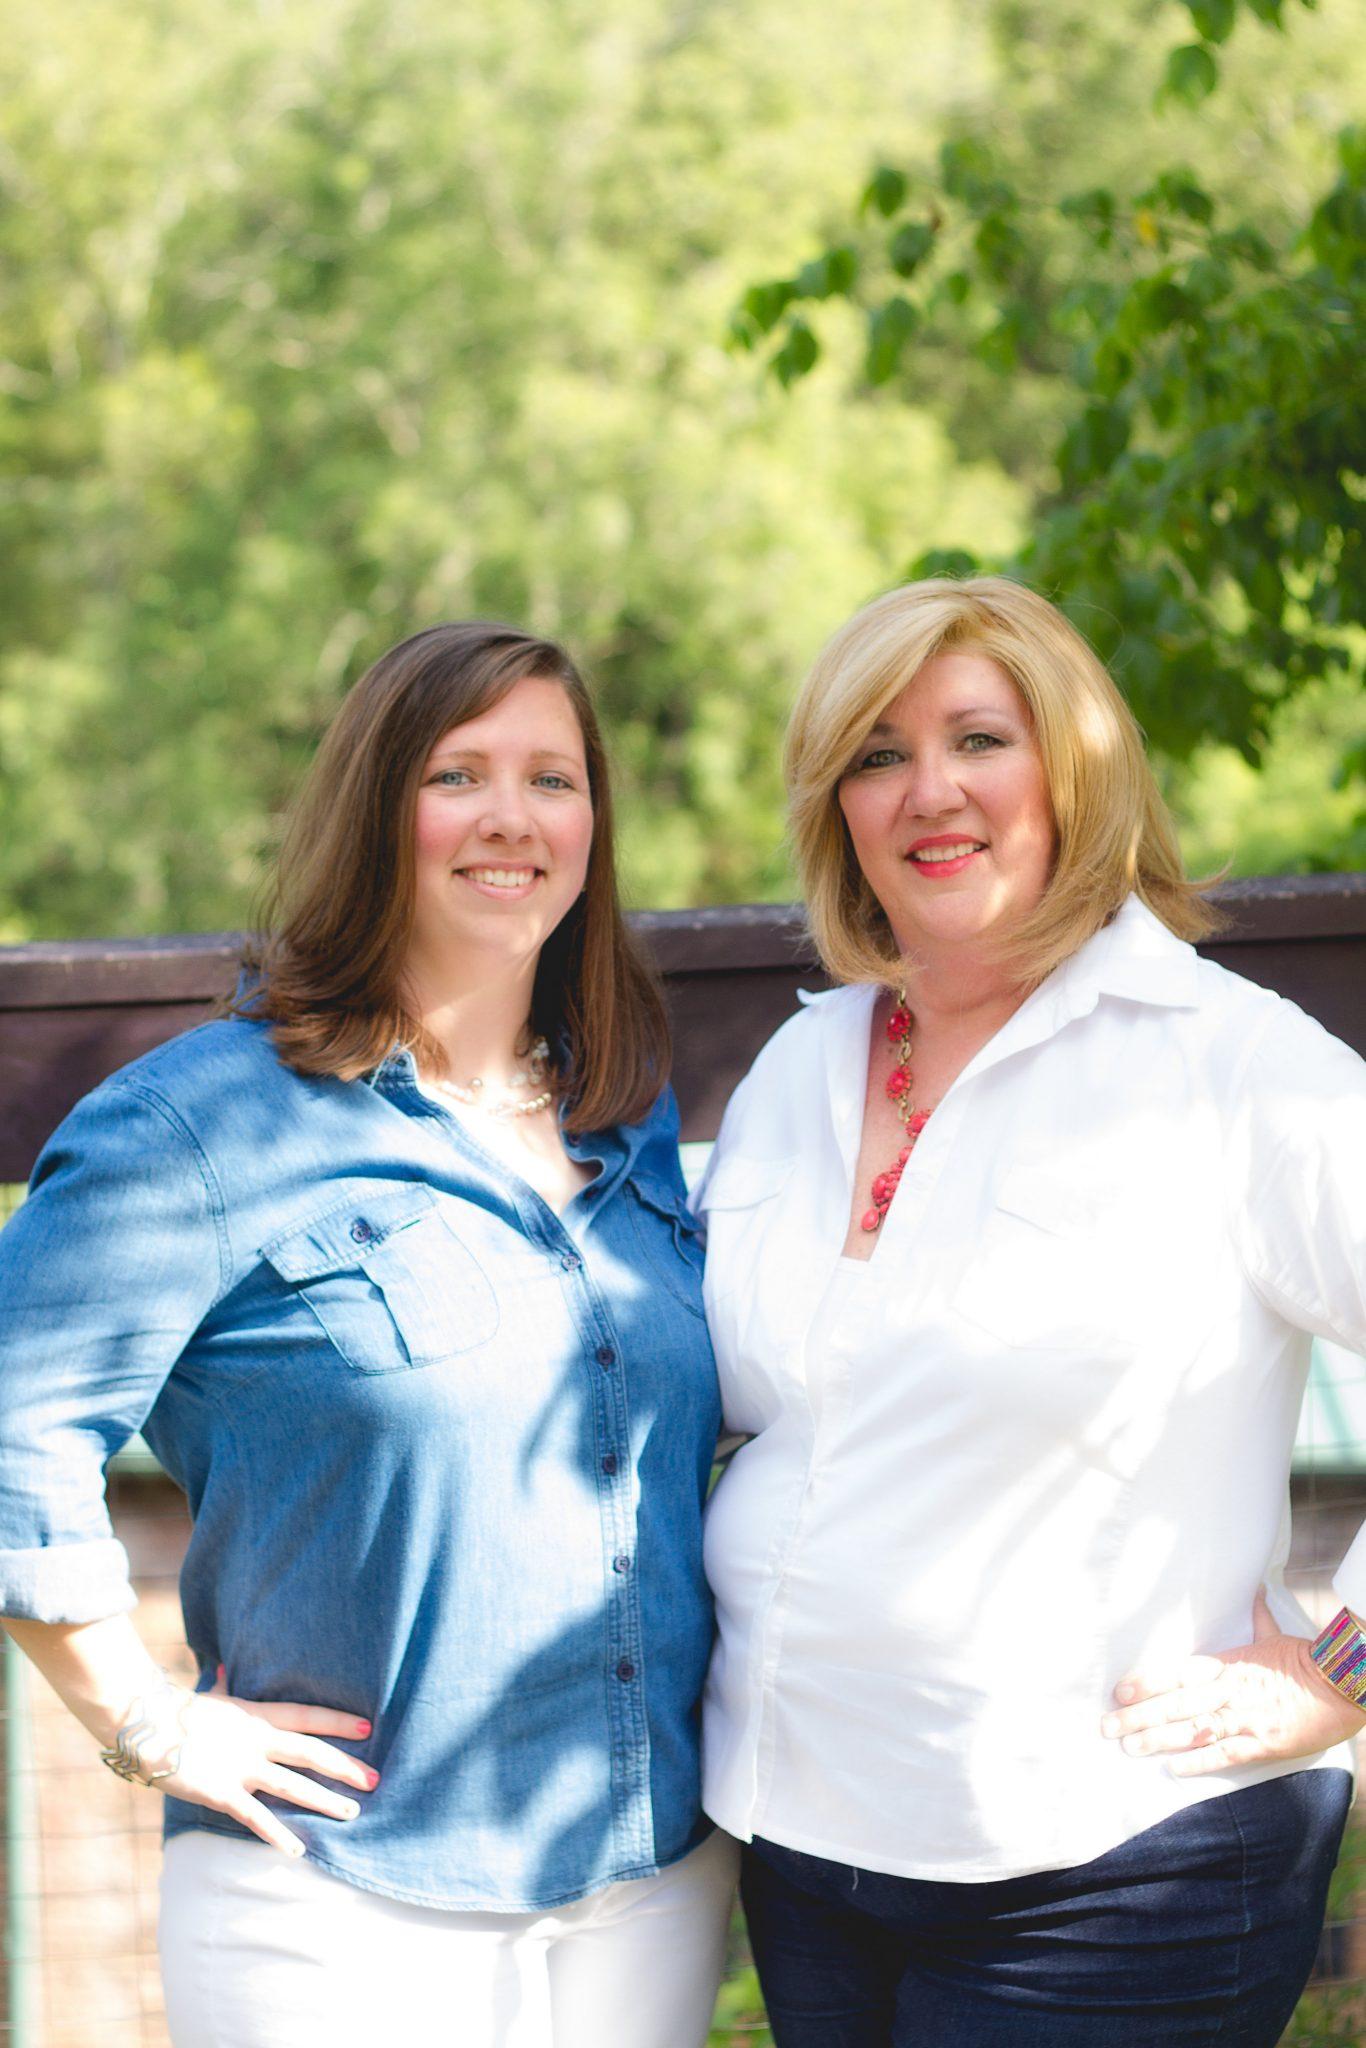 Jenn and Vicki